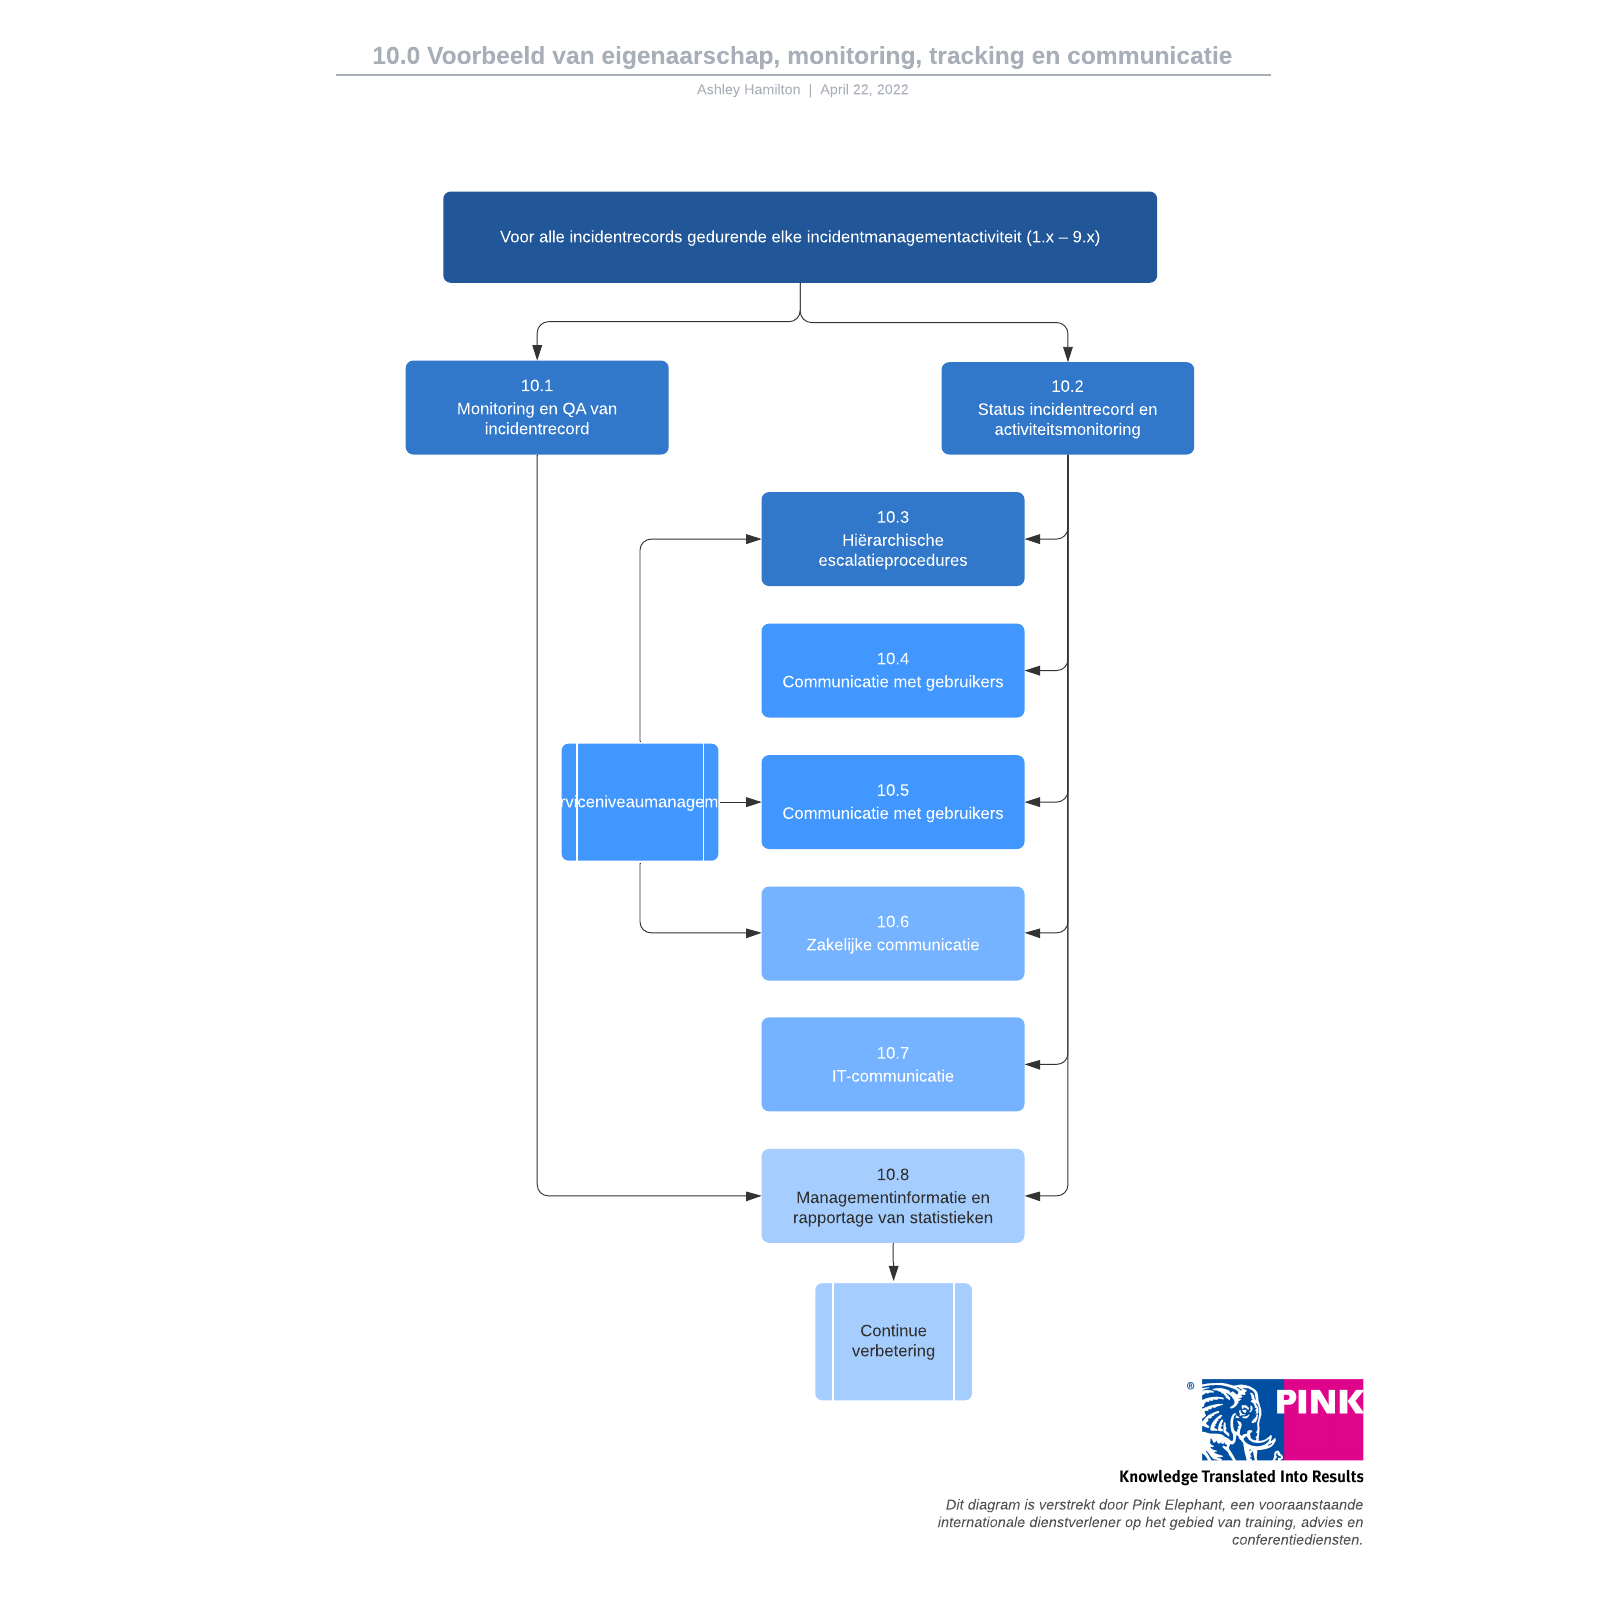 10.0 Voorbeeld van eigenaarschap, monitoring, tracking en communicatie